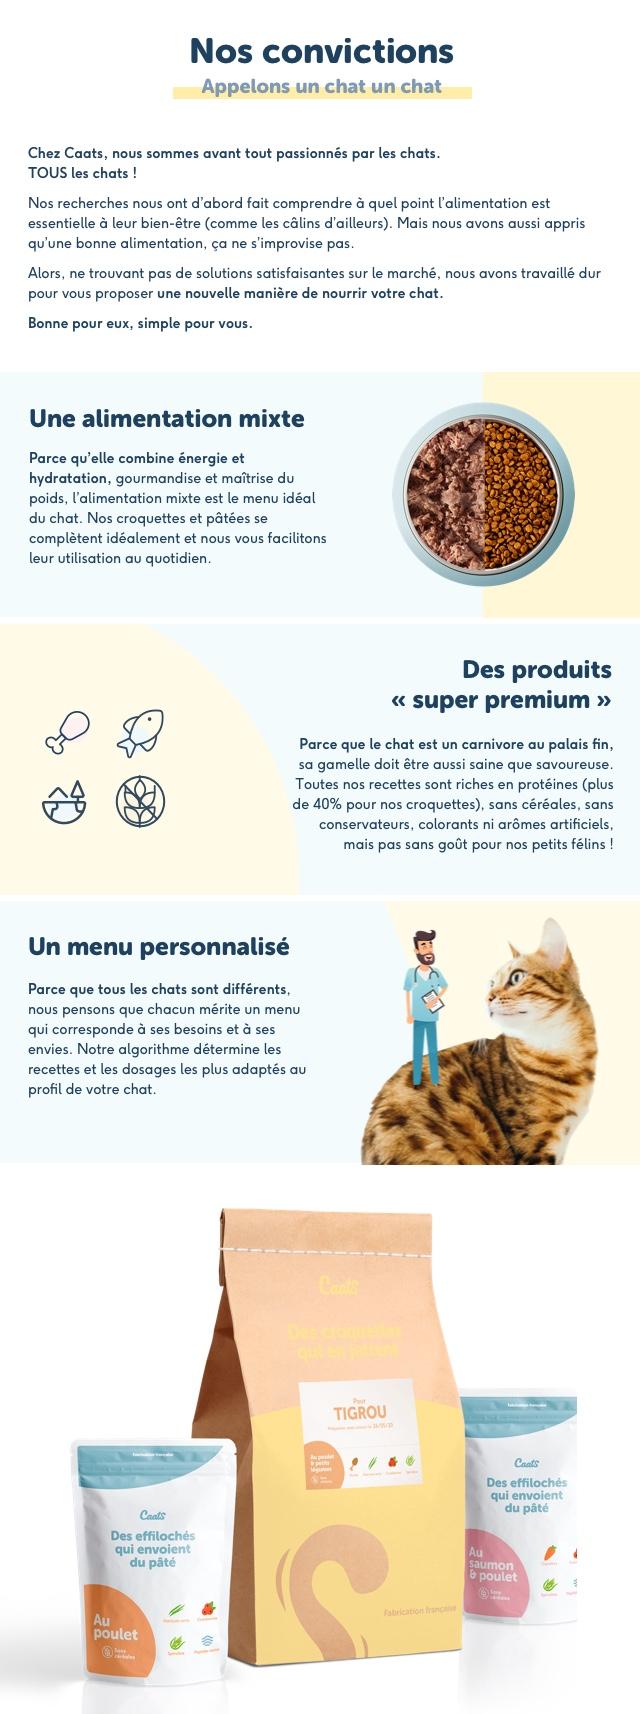 Nos convictions Appelons un chat un chat Chez Caats, nous sommes avant tout passionnes par les chats. TOUS les chats Nos recherches nous ont d'abord fait comprendre a quel point l'alimentation est essentielle a leur bien-etre (comme les calins d'ailleurs). Mais nous avons aussi appris qu'une bonne alimentation, ca ne s 'improvise pas. Alors, ne trouvant pas de solutions satisfaisantes sur le marche, nous avons travaille dur pour proposer une nouvelle maniere de nourrir votre chat. Bonne pour eux, simple pour Une alimentation mixte Parce qu'elle combine energie et hydratation, gourmandise et maitrise du poids, l'alimentation mixte est le menu ideal du chat. Nos croquettes et patees se completent idealement et nous facilitons leur utilisation quotidien Des produits << super premium Parce que le chat est un carnivore palais fin, sa gamelle doit etre qussi saine que savoureuse. Toutes nos recettes sont riches en proteines (plus de 40% pour nos croquettes) sans cereales, sans conservateurs, colorants ni aromes artificiels, mais pas sans go0t pour nos petits felins Un menu personnalise Parce que tous les chats sont differents, nous pensons que chacun merite un menu qui corresponde a ses besoins et a ses envies Notre algorithme determine les recettes et les dosages les plus adaptes profil de votre chat. TIGROU Caats Des effiloches qui envoient Caats du pate Des effiloches qui envoient Au du pate saumon poulet Au poulet